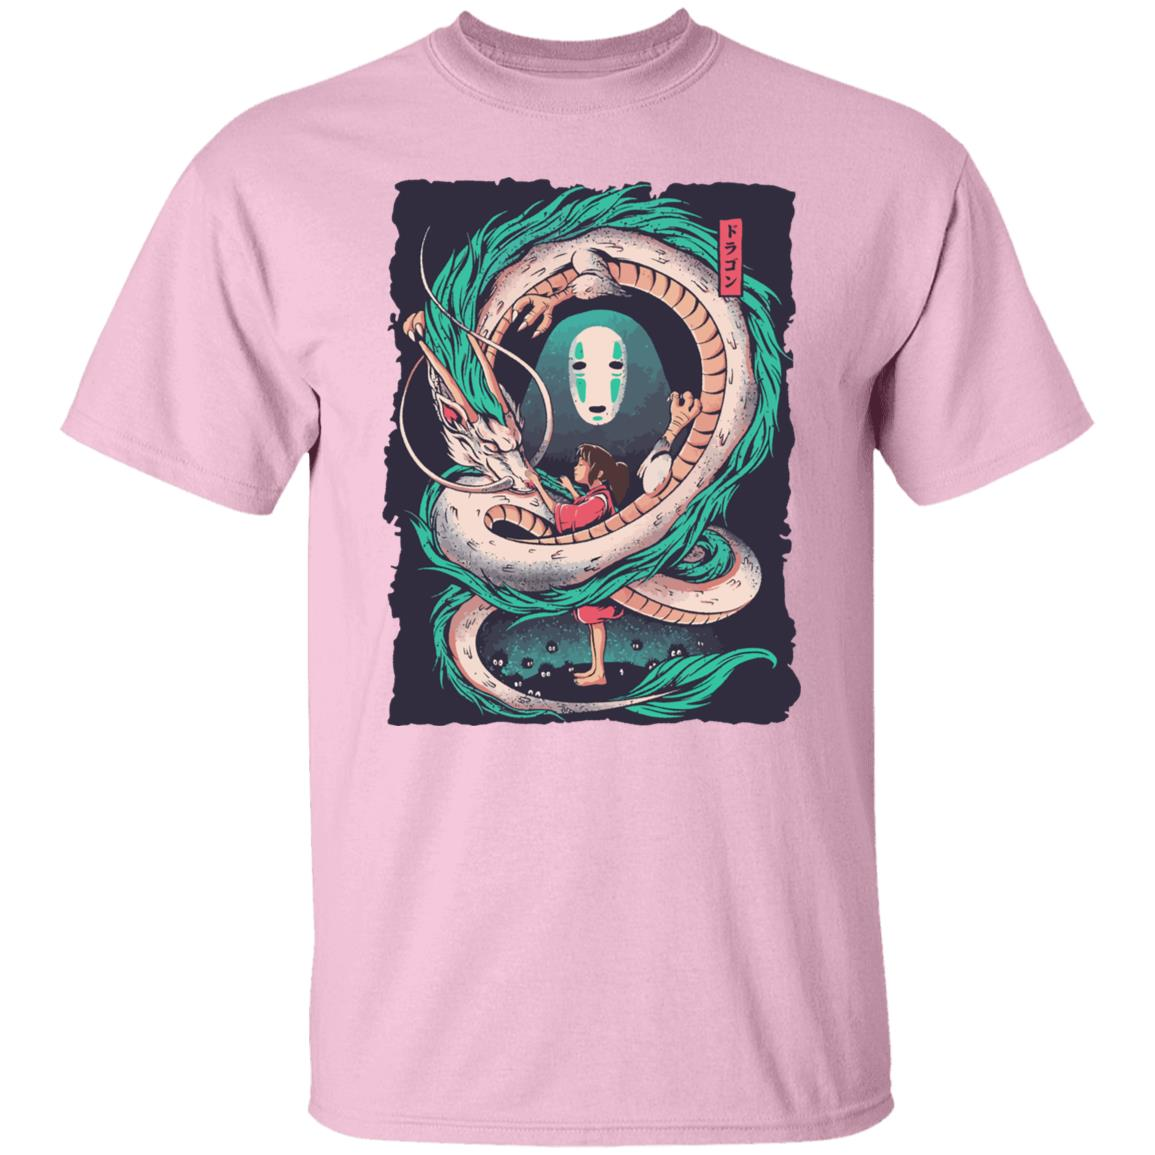 Spirited Away – Haku Dragon with Sen and No Face T Shirt